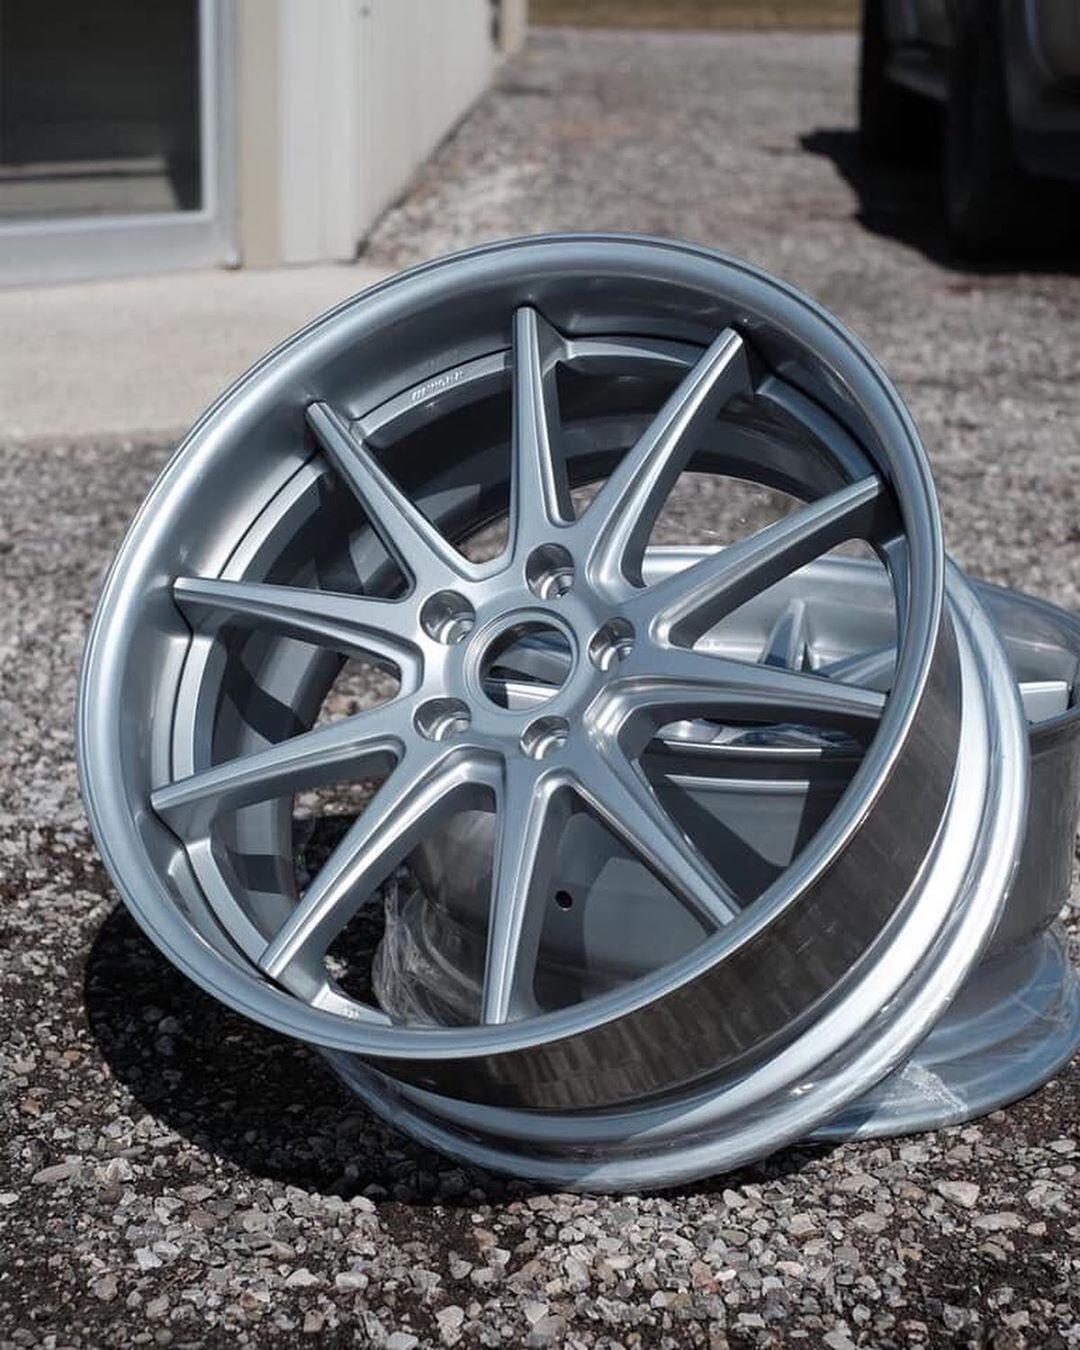 Work Wheels Refinished In Hyper Silver In 2020 Wheel Rims Wheel Car Wheel